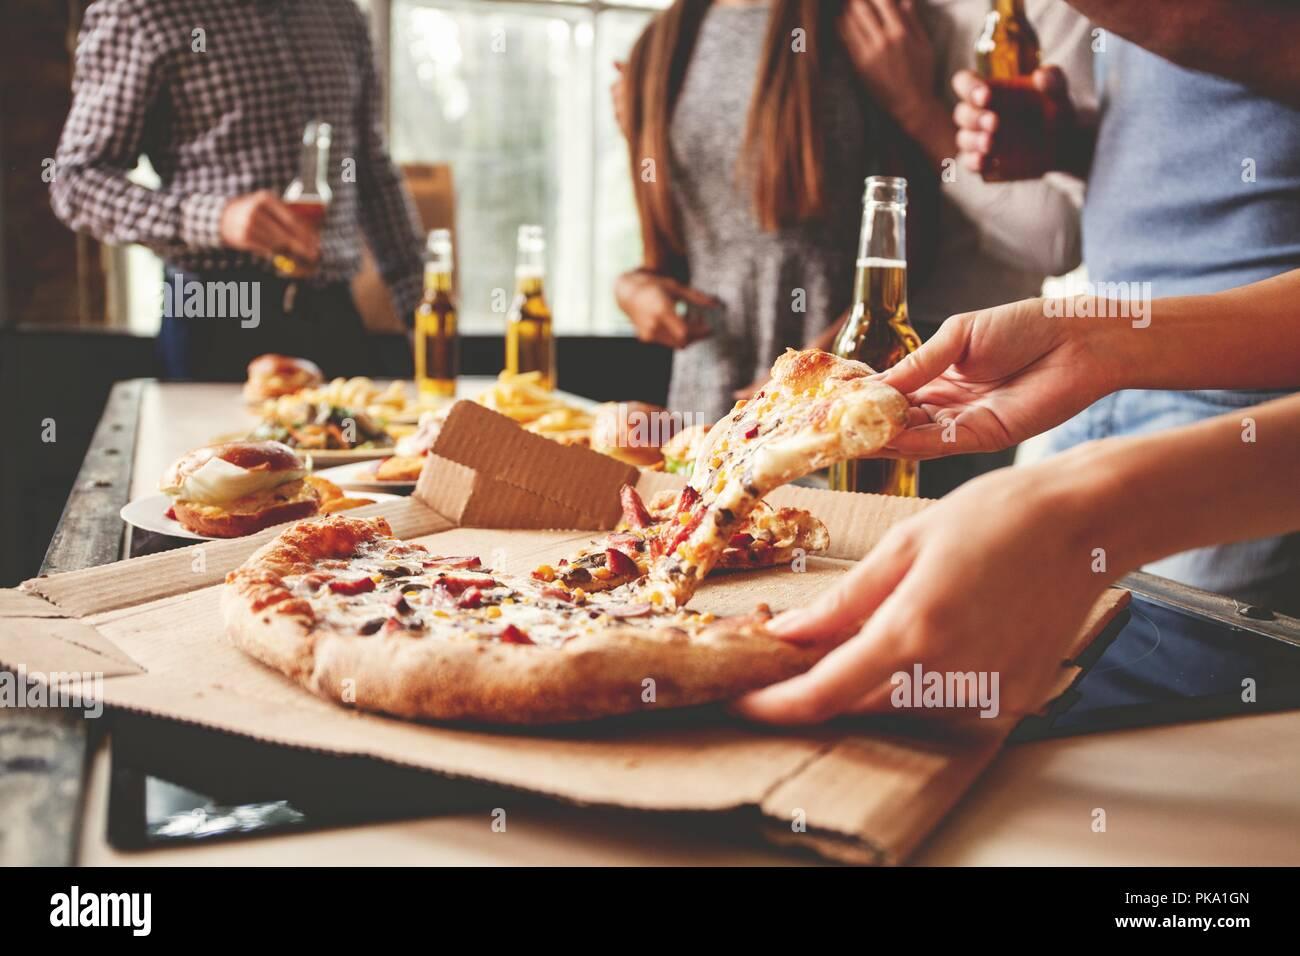 Freunde, die Scheiben der leckere Pizza von der Platte, die Ansicht zu schließen. Stockbild